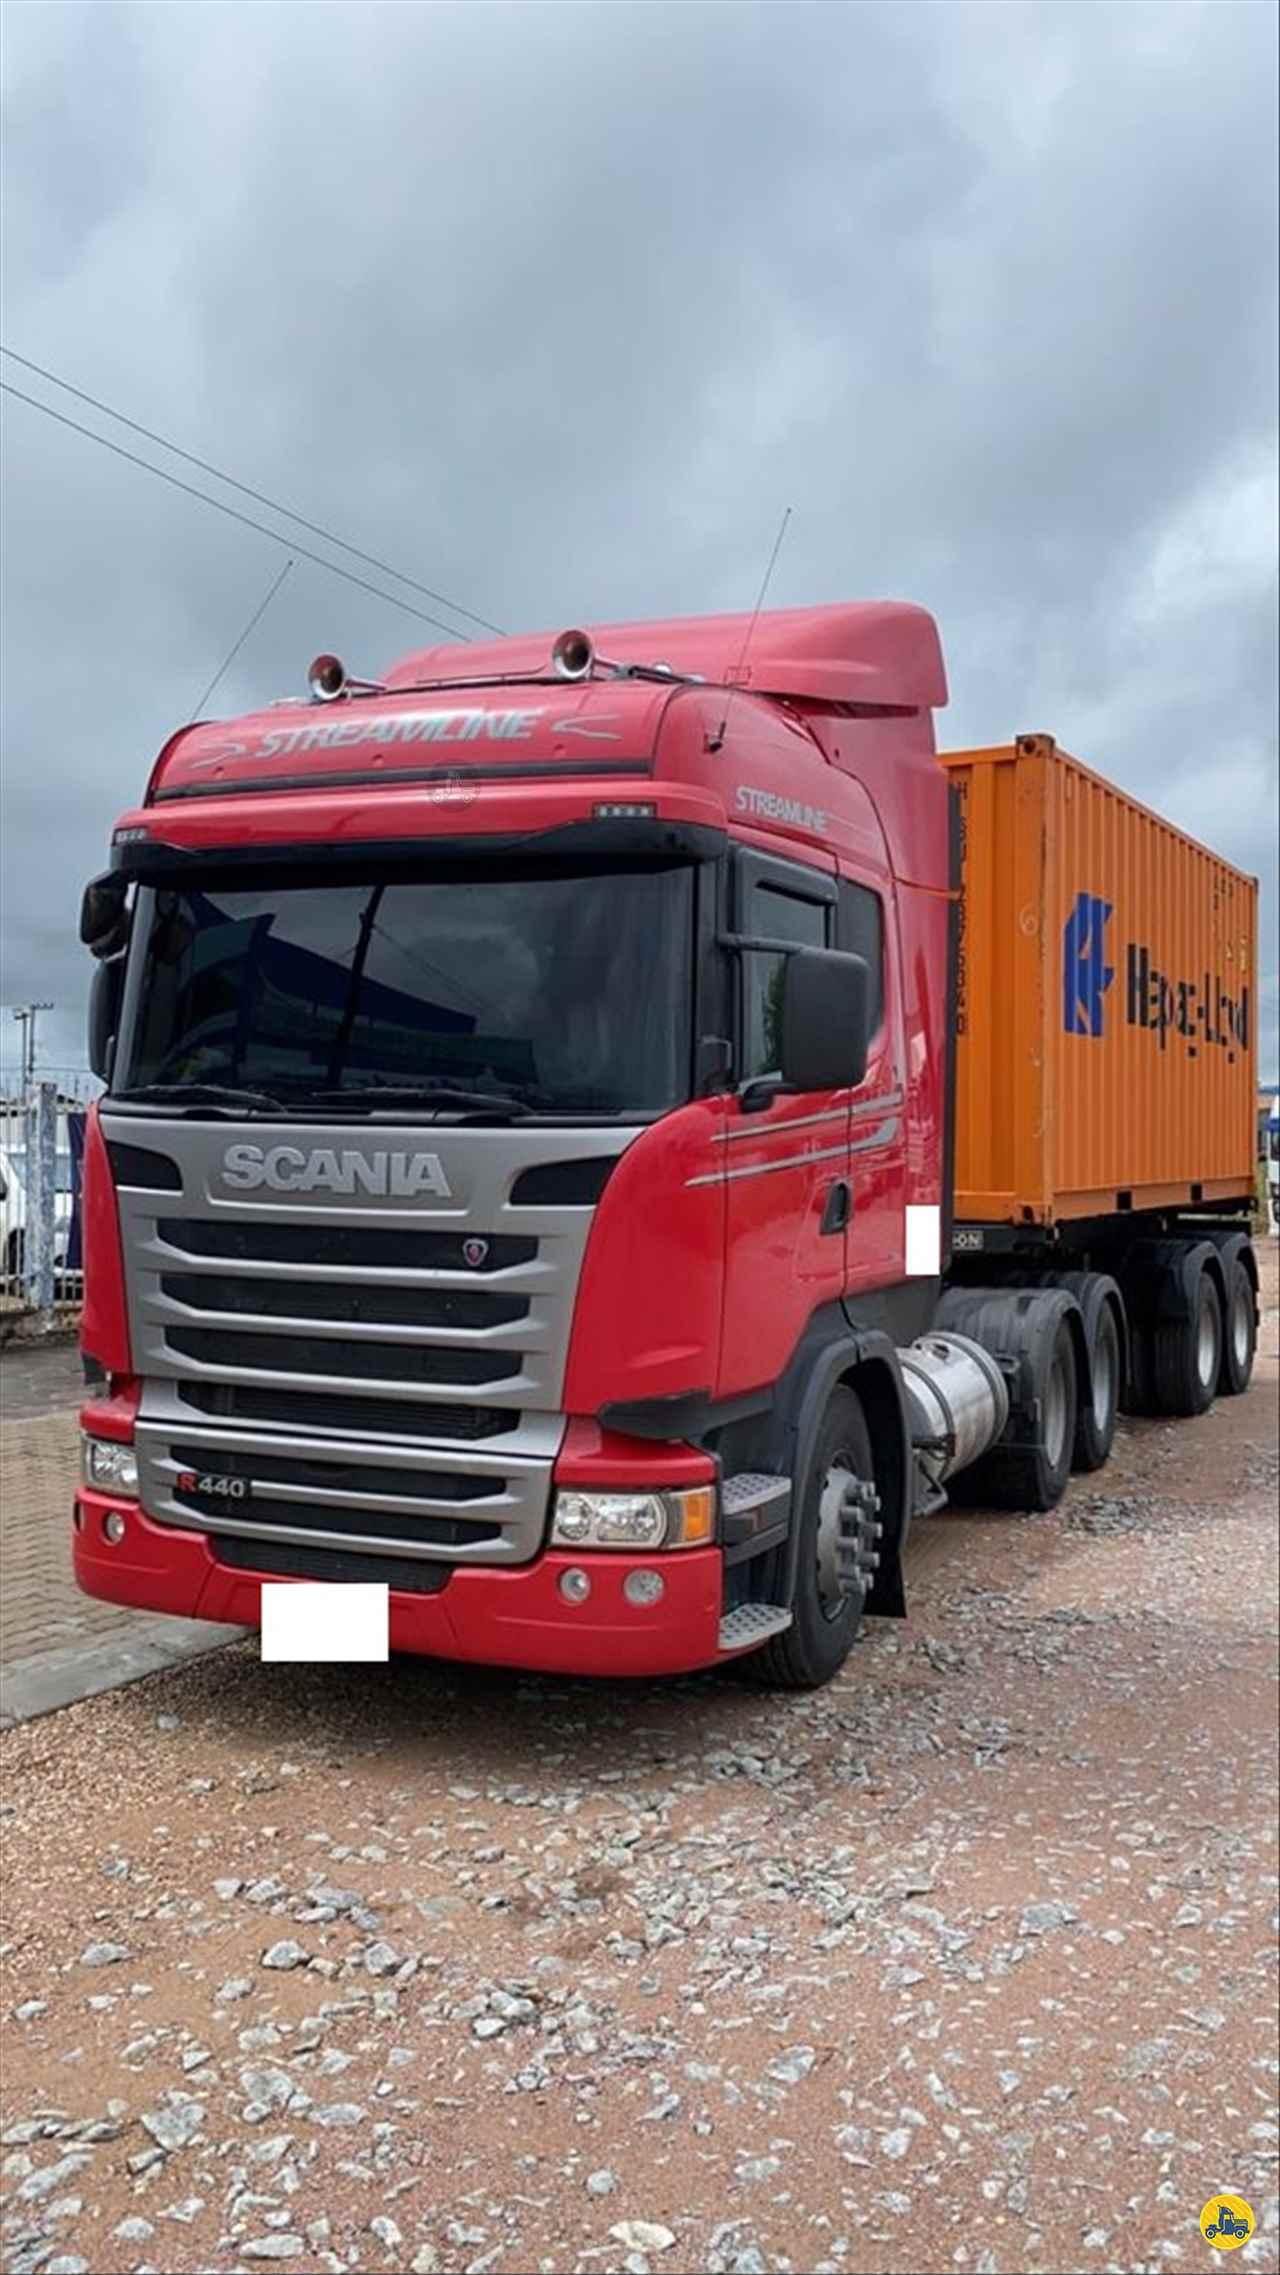 CAMINHAO SCANIA SCANIA 440 Cavalo Mecânico Truck 6x2 Transmap Caminhões SANTA ROSA RIO GRANDE DO SUL RS